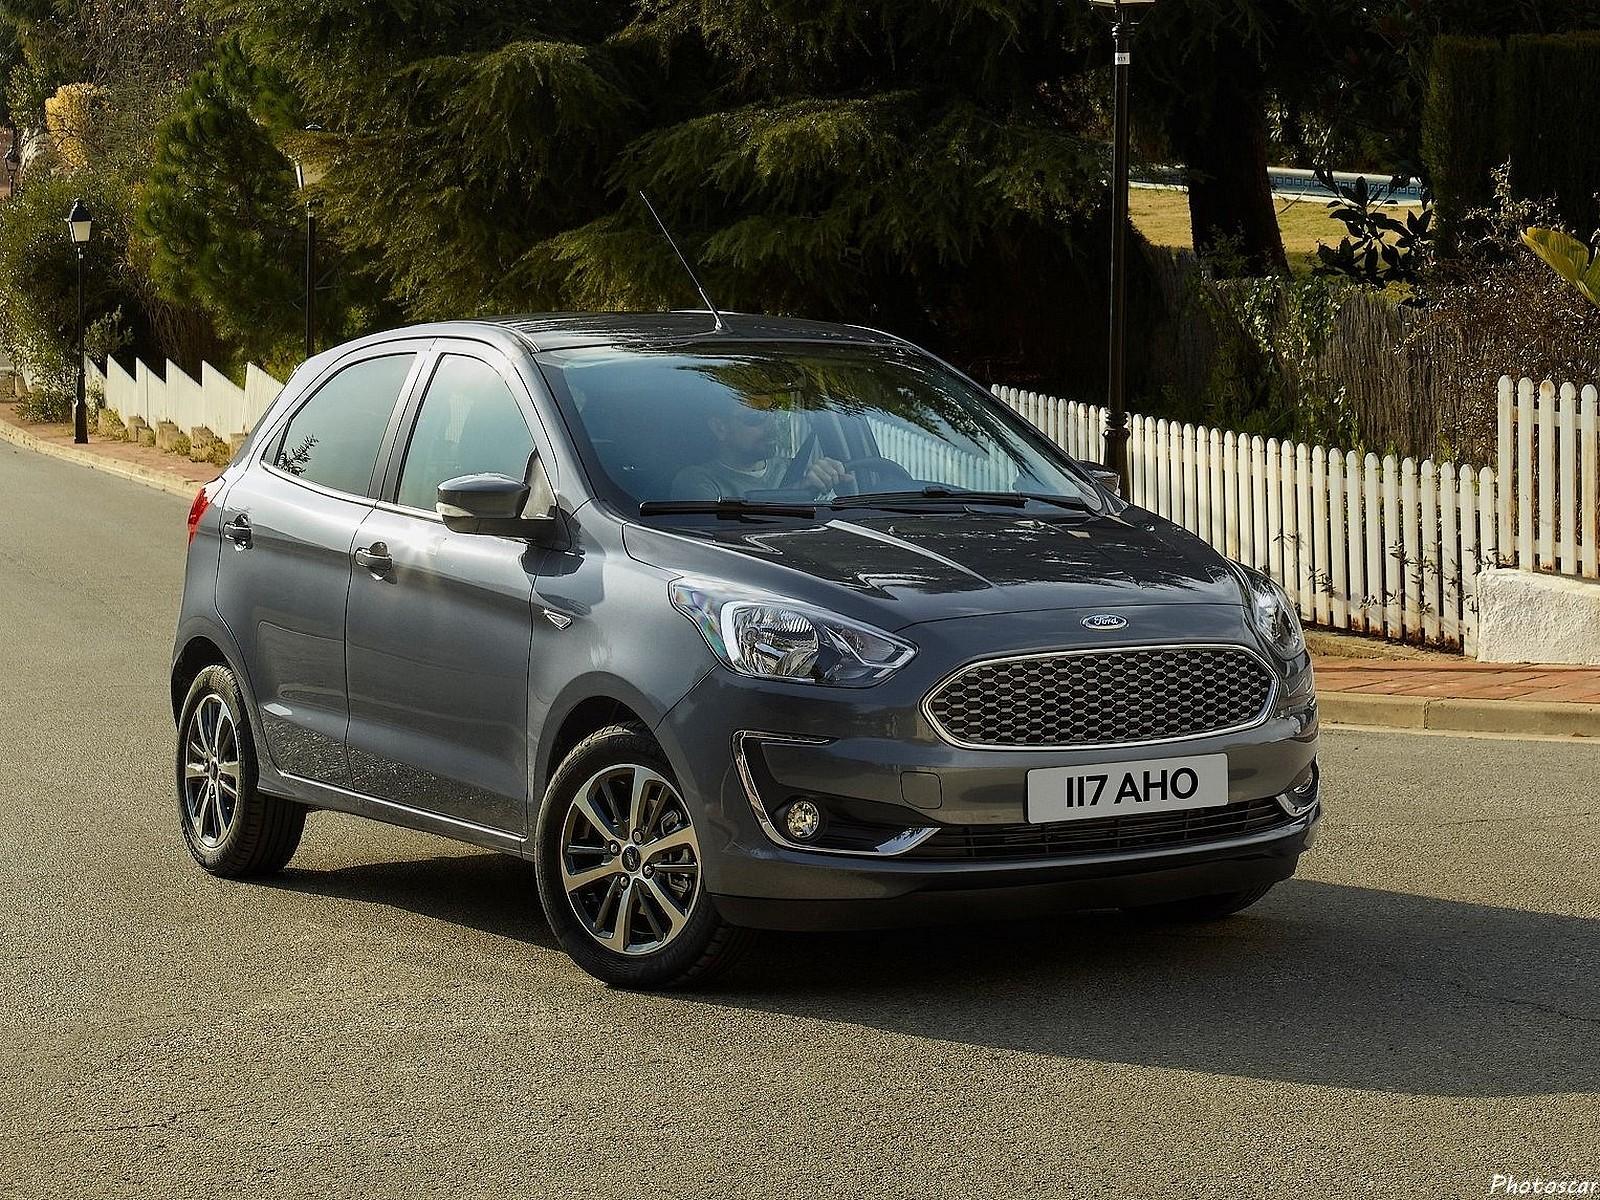 Ford Ka Plus 2019: Découvrez une voiture pratique et élégante